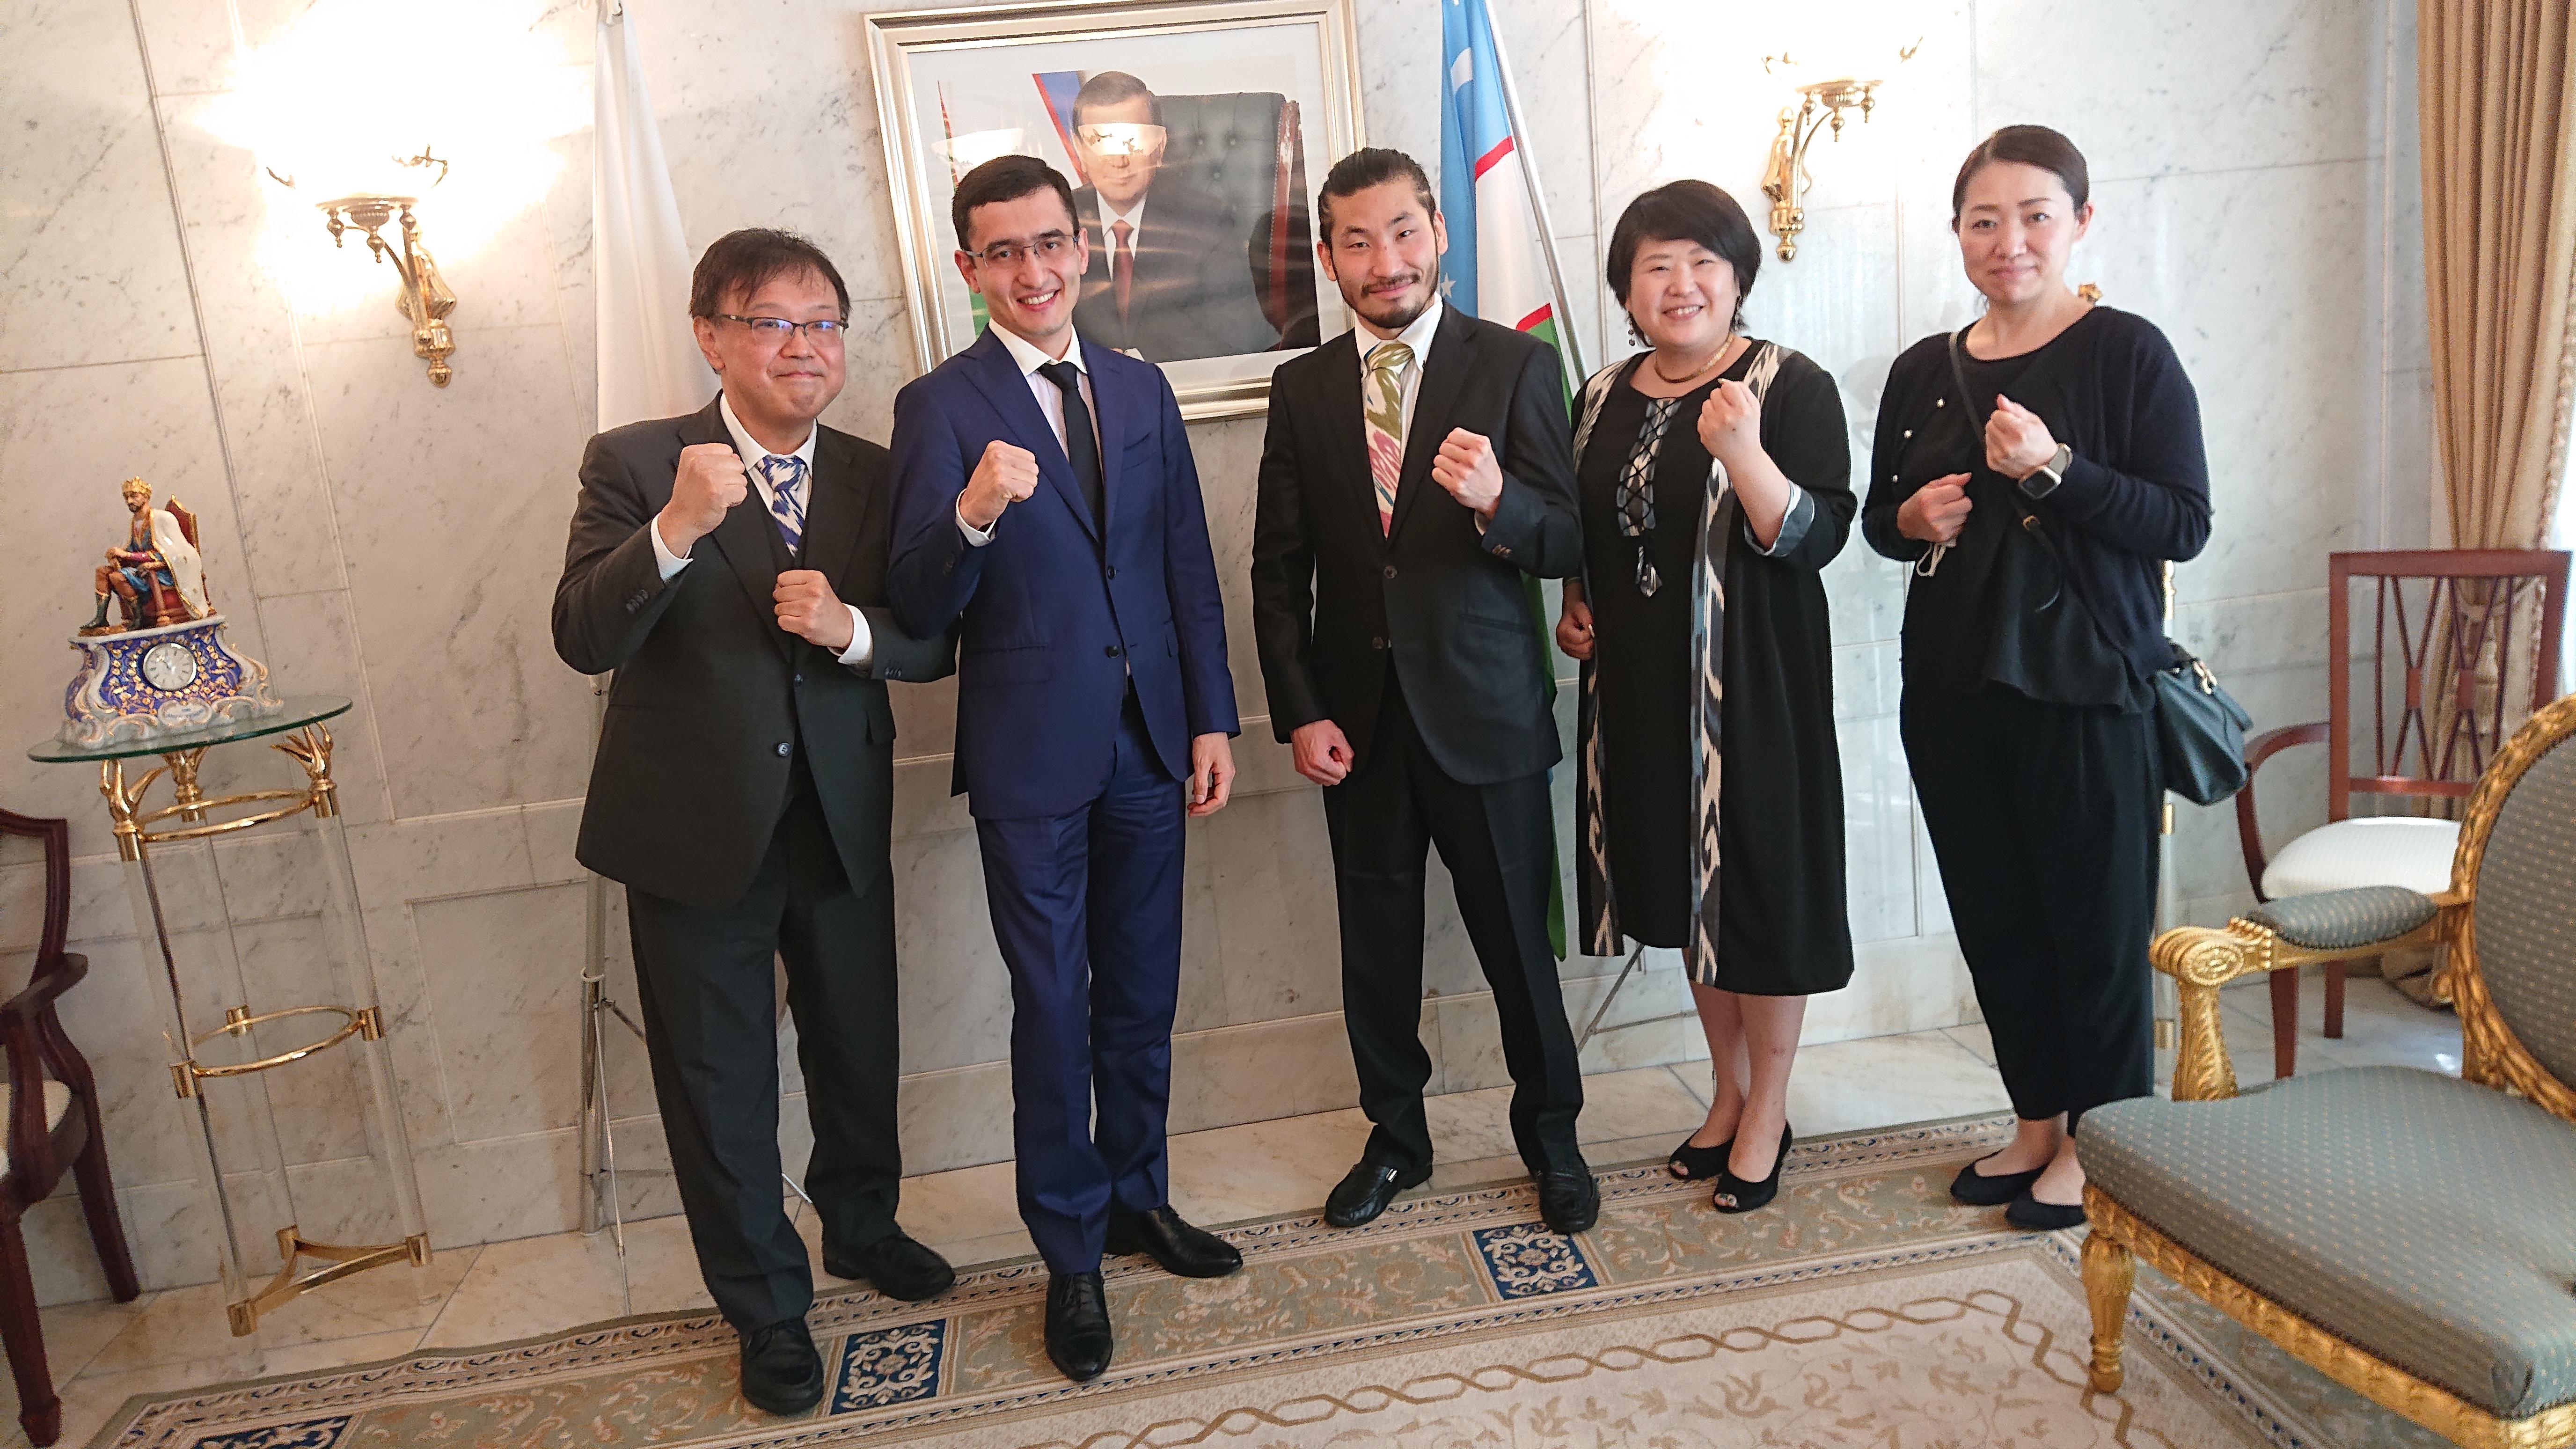 #ウズベキスタン #チャンピオン #サムライ #岩佐亮佑 #Samurai #boxing